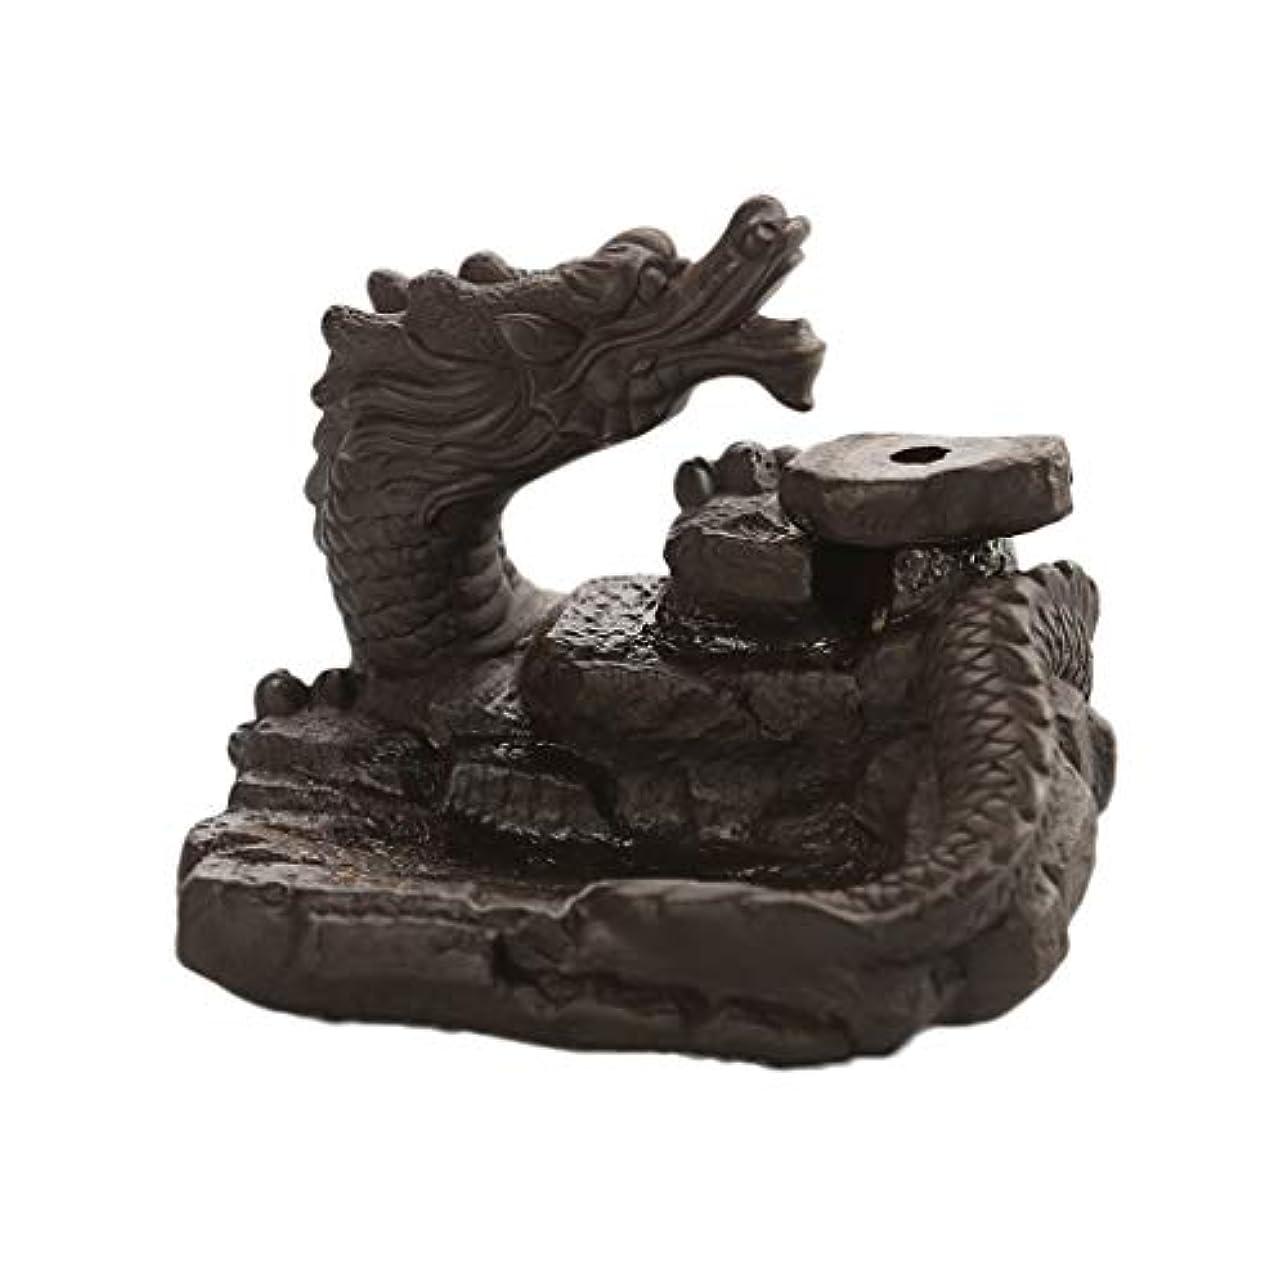 クラウドまろやかなタンク家の装飾ドラゴン逆流還流香バーナーセラミックスティックホルダーコーンセンサー茶室飾り香炉 芳香器?アロマバーナー (Color : Black, サイズ : 3.46*3.14*2.36 inches)